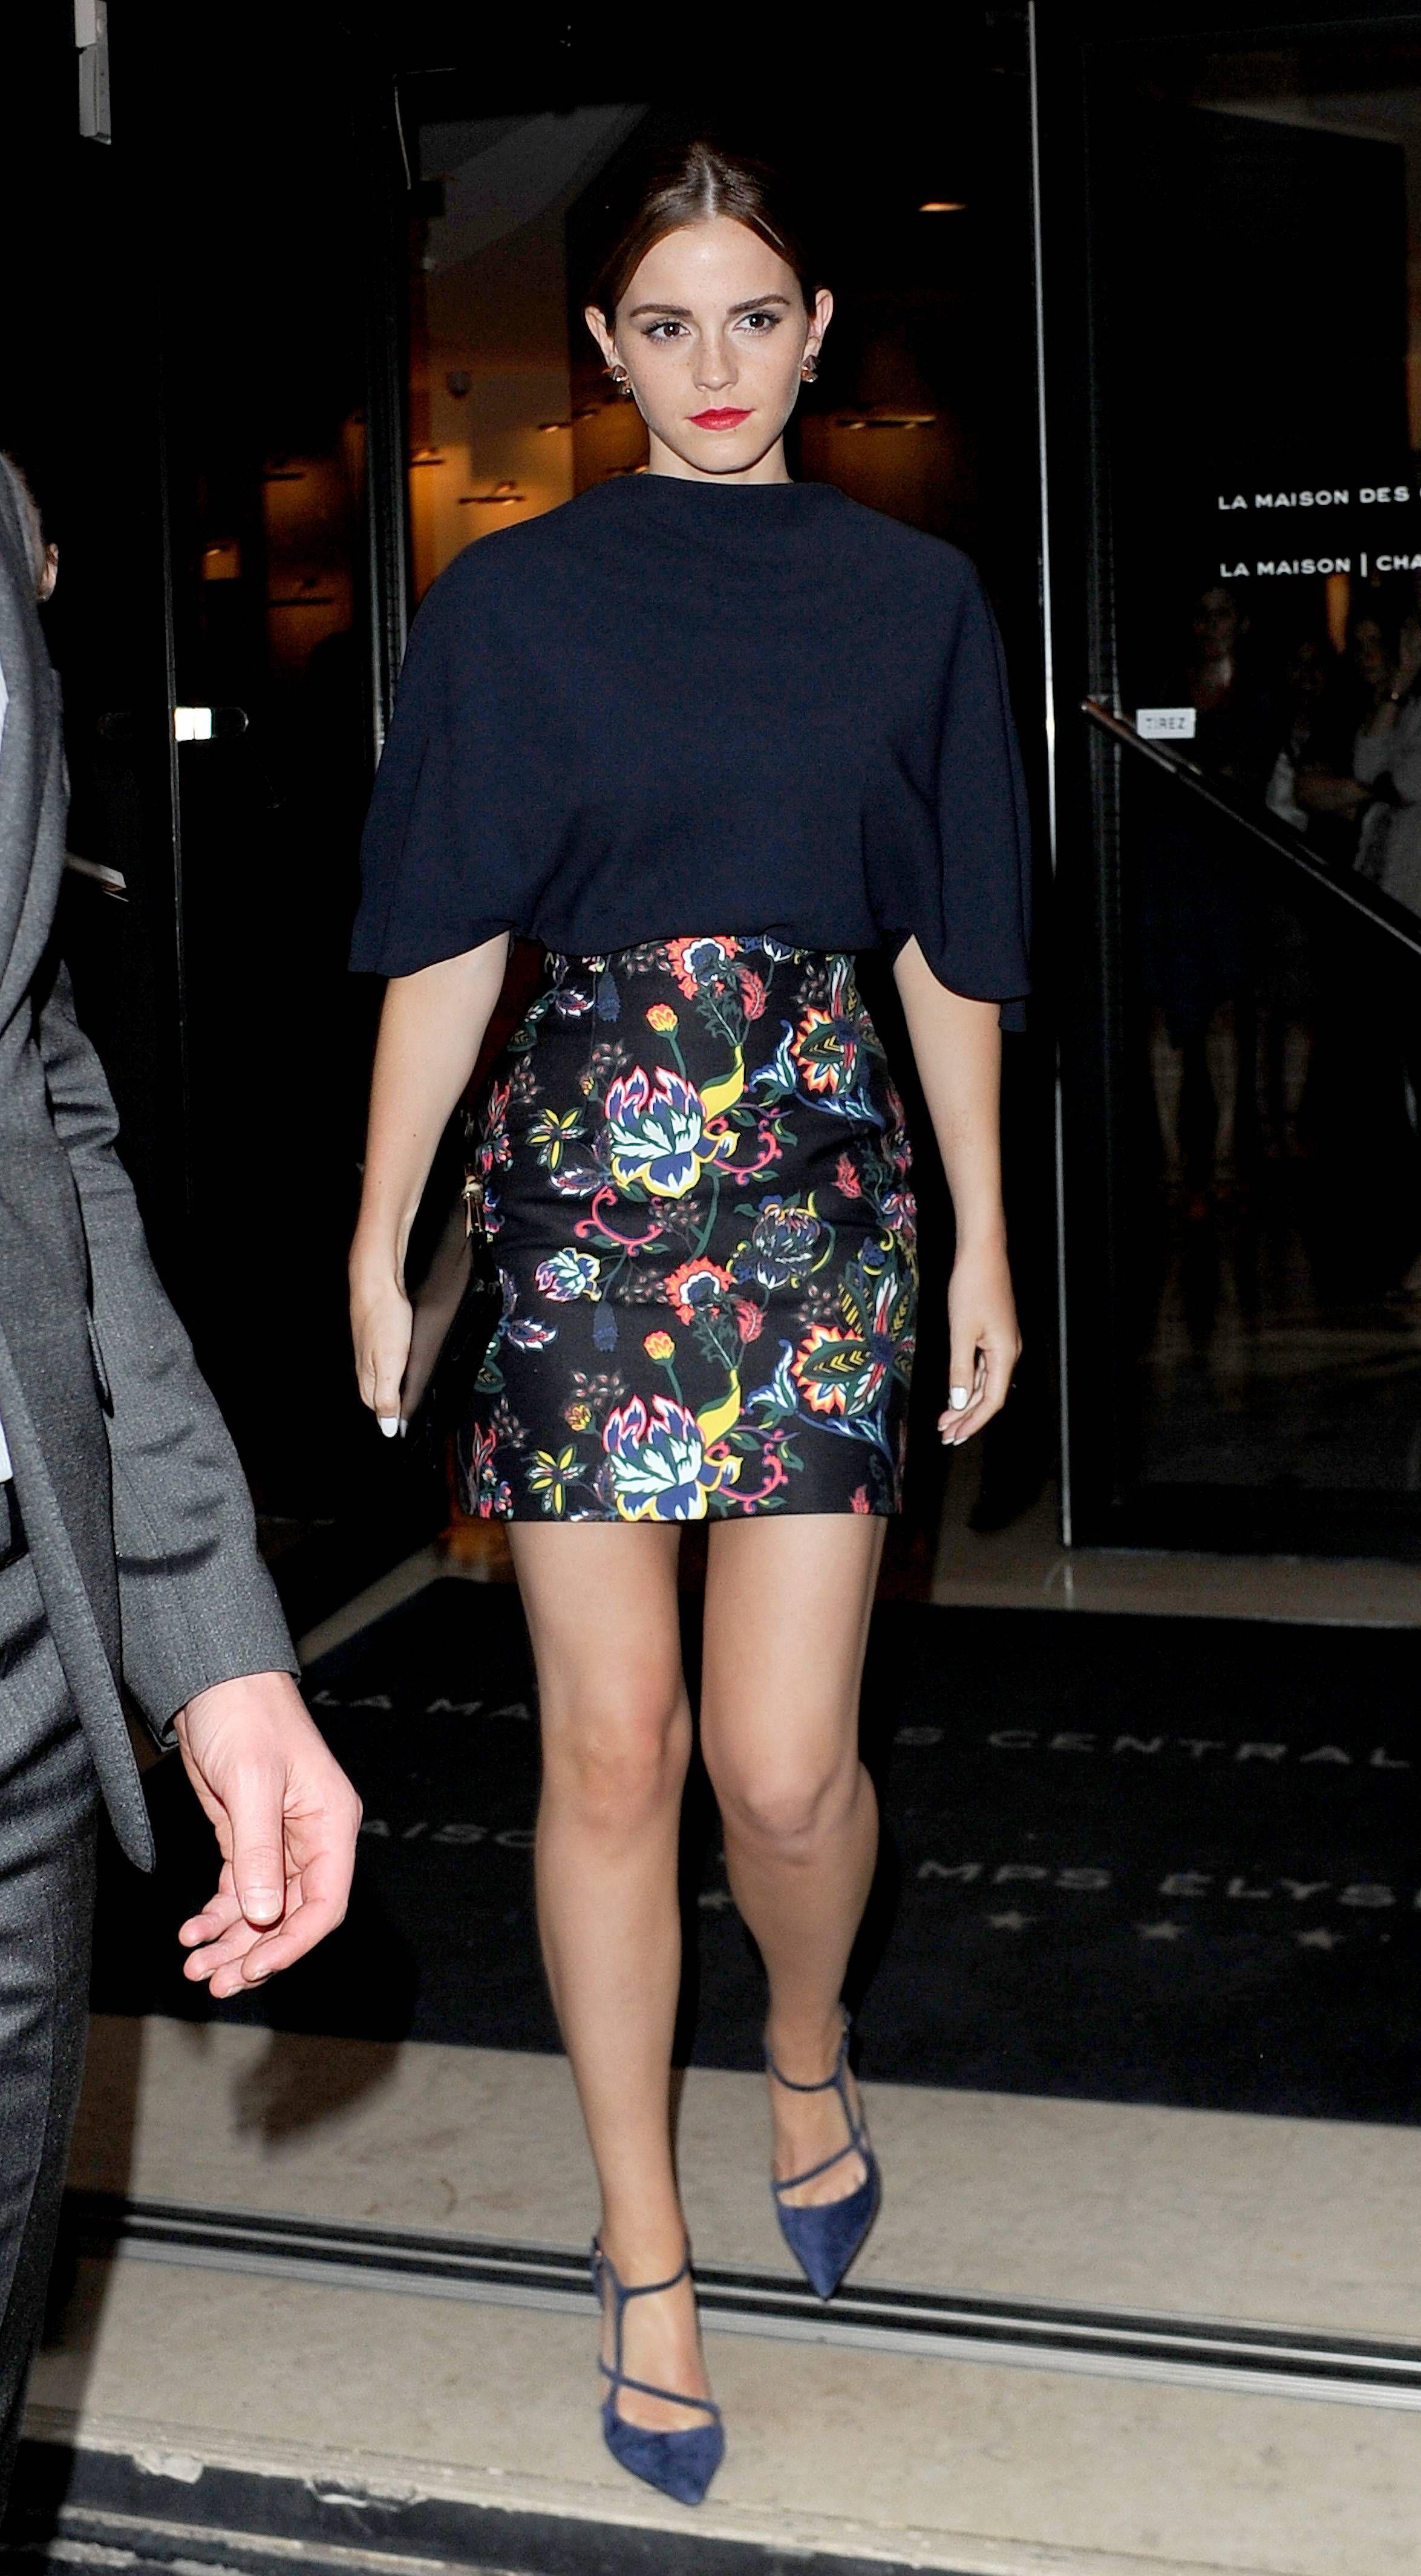 Emma Watson: Emma at Dior afterparty